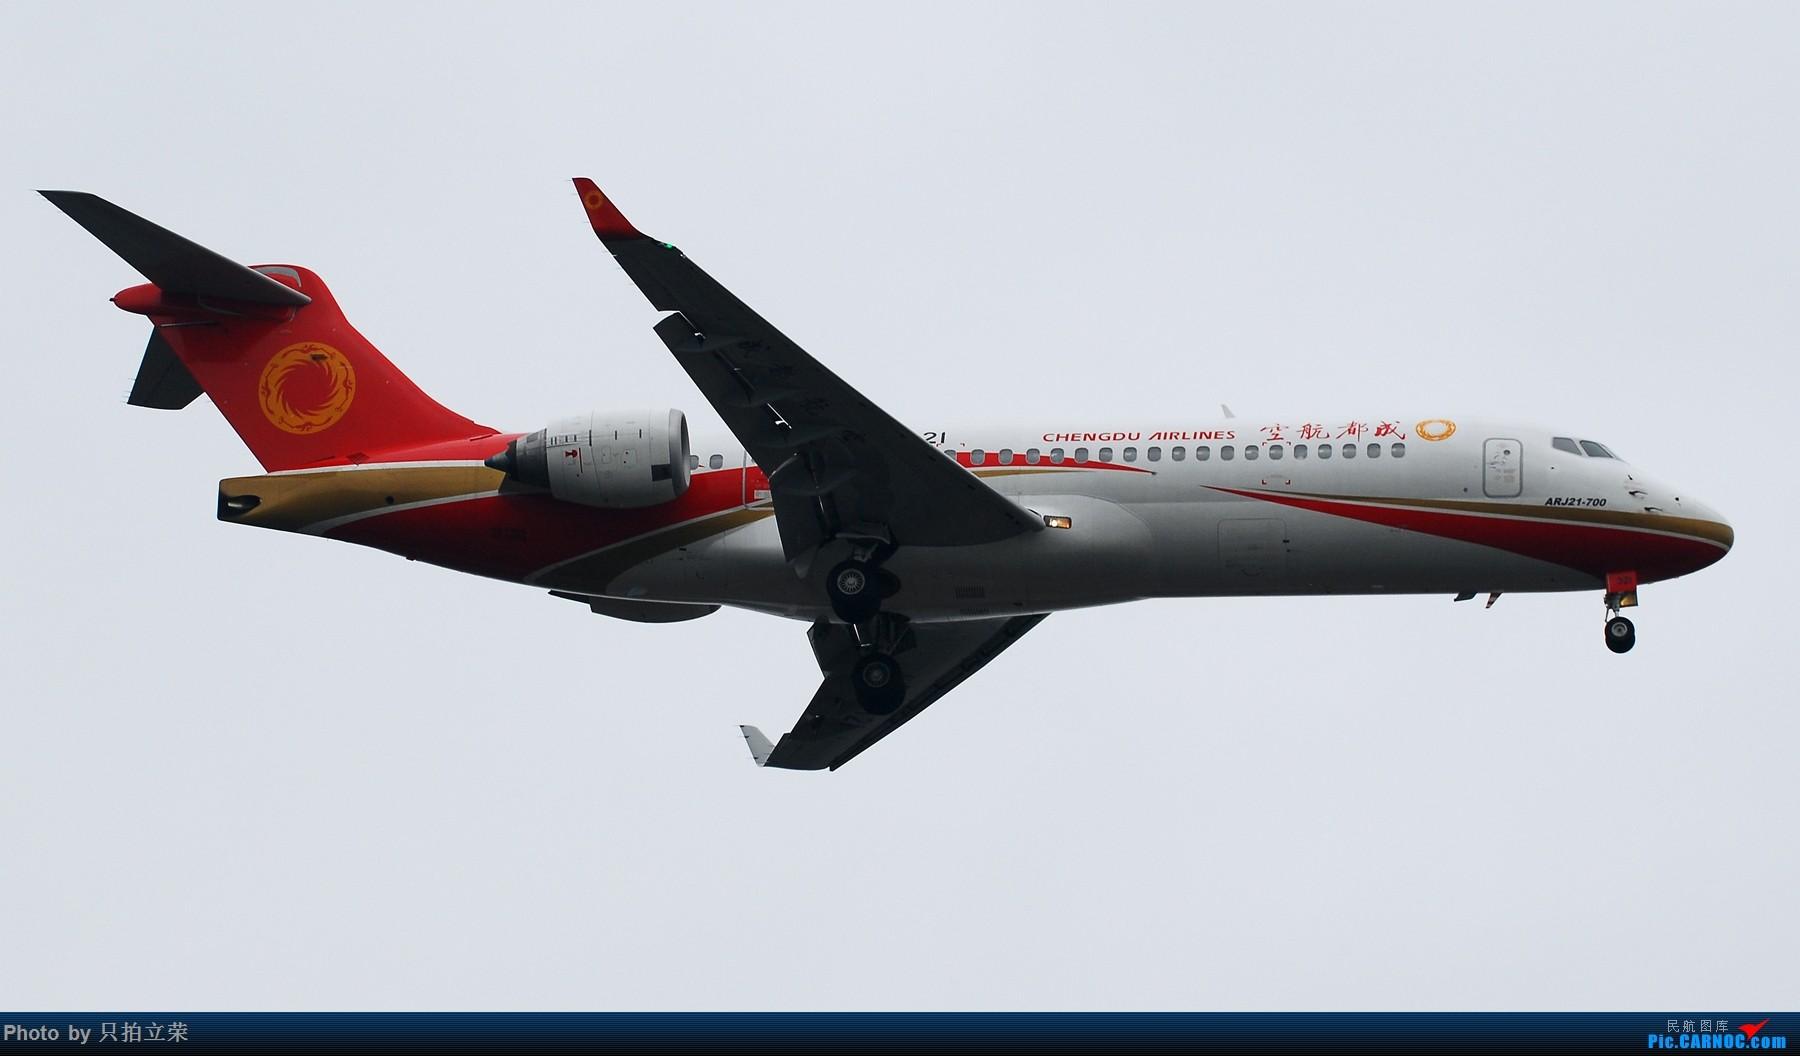 [原创]湖南飞友会之,阿娇终于来长沙! COMAC ARJ21-700 B-3321 中国长沙黄花国际机场